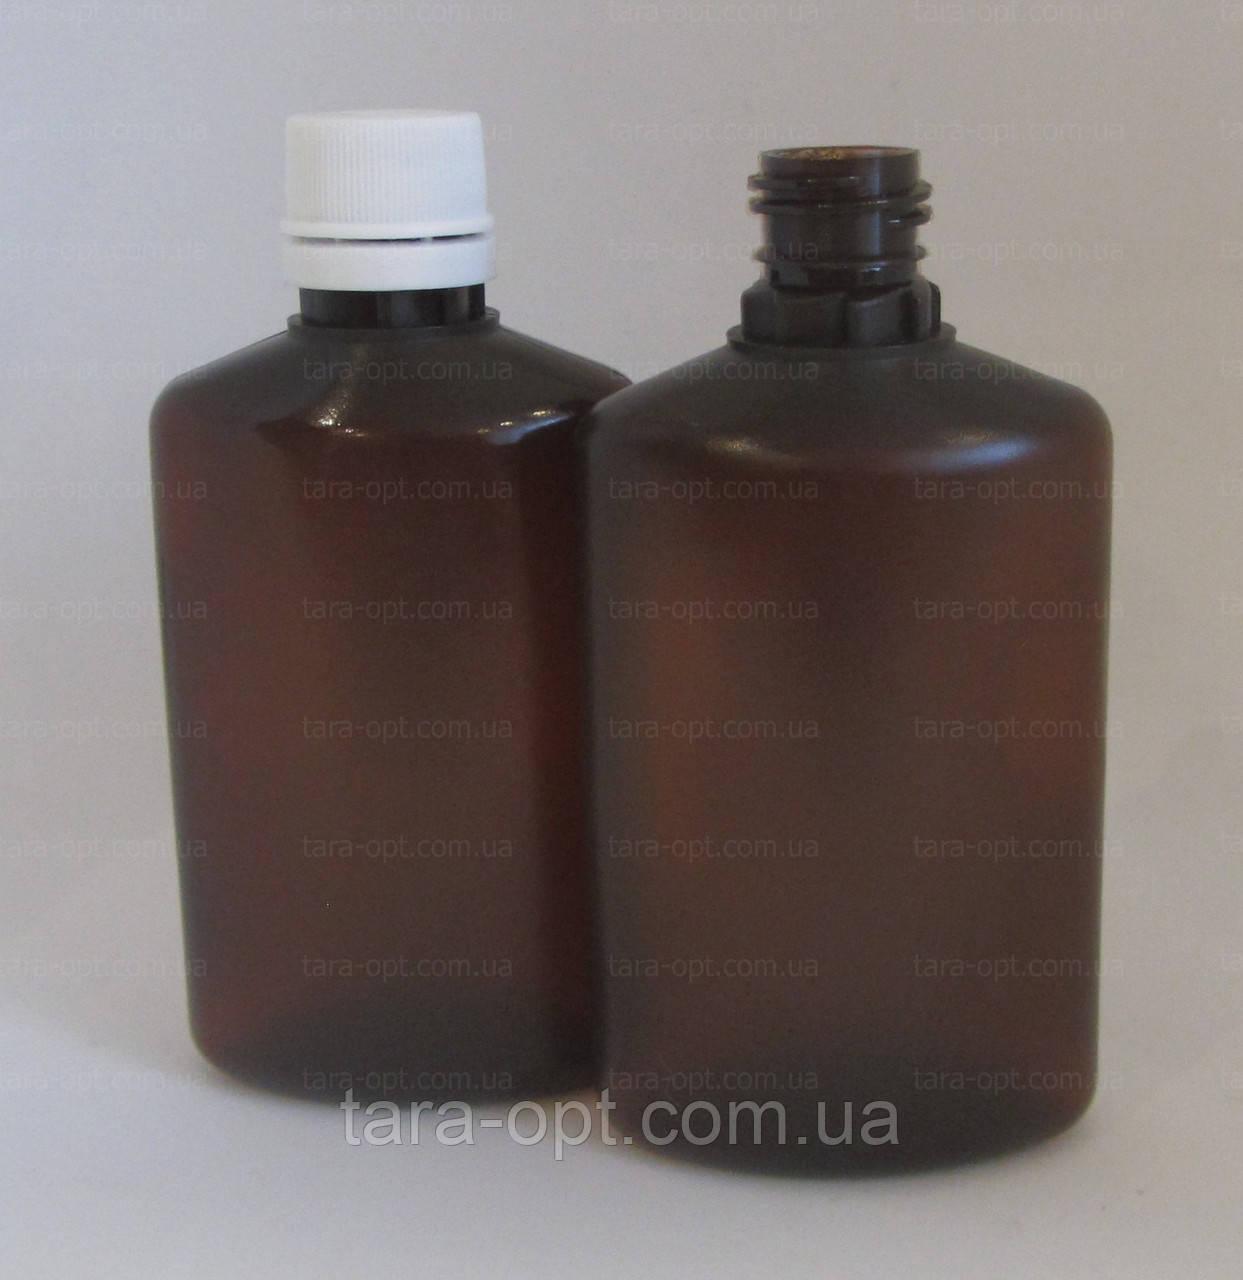 Флакон овальный 50 мл, коричневый, (Цена от 2,75 грн)*